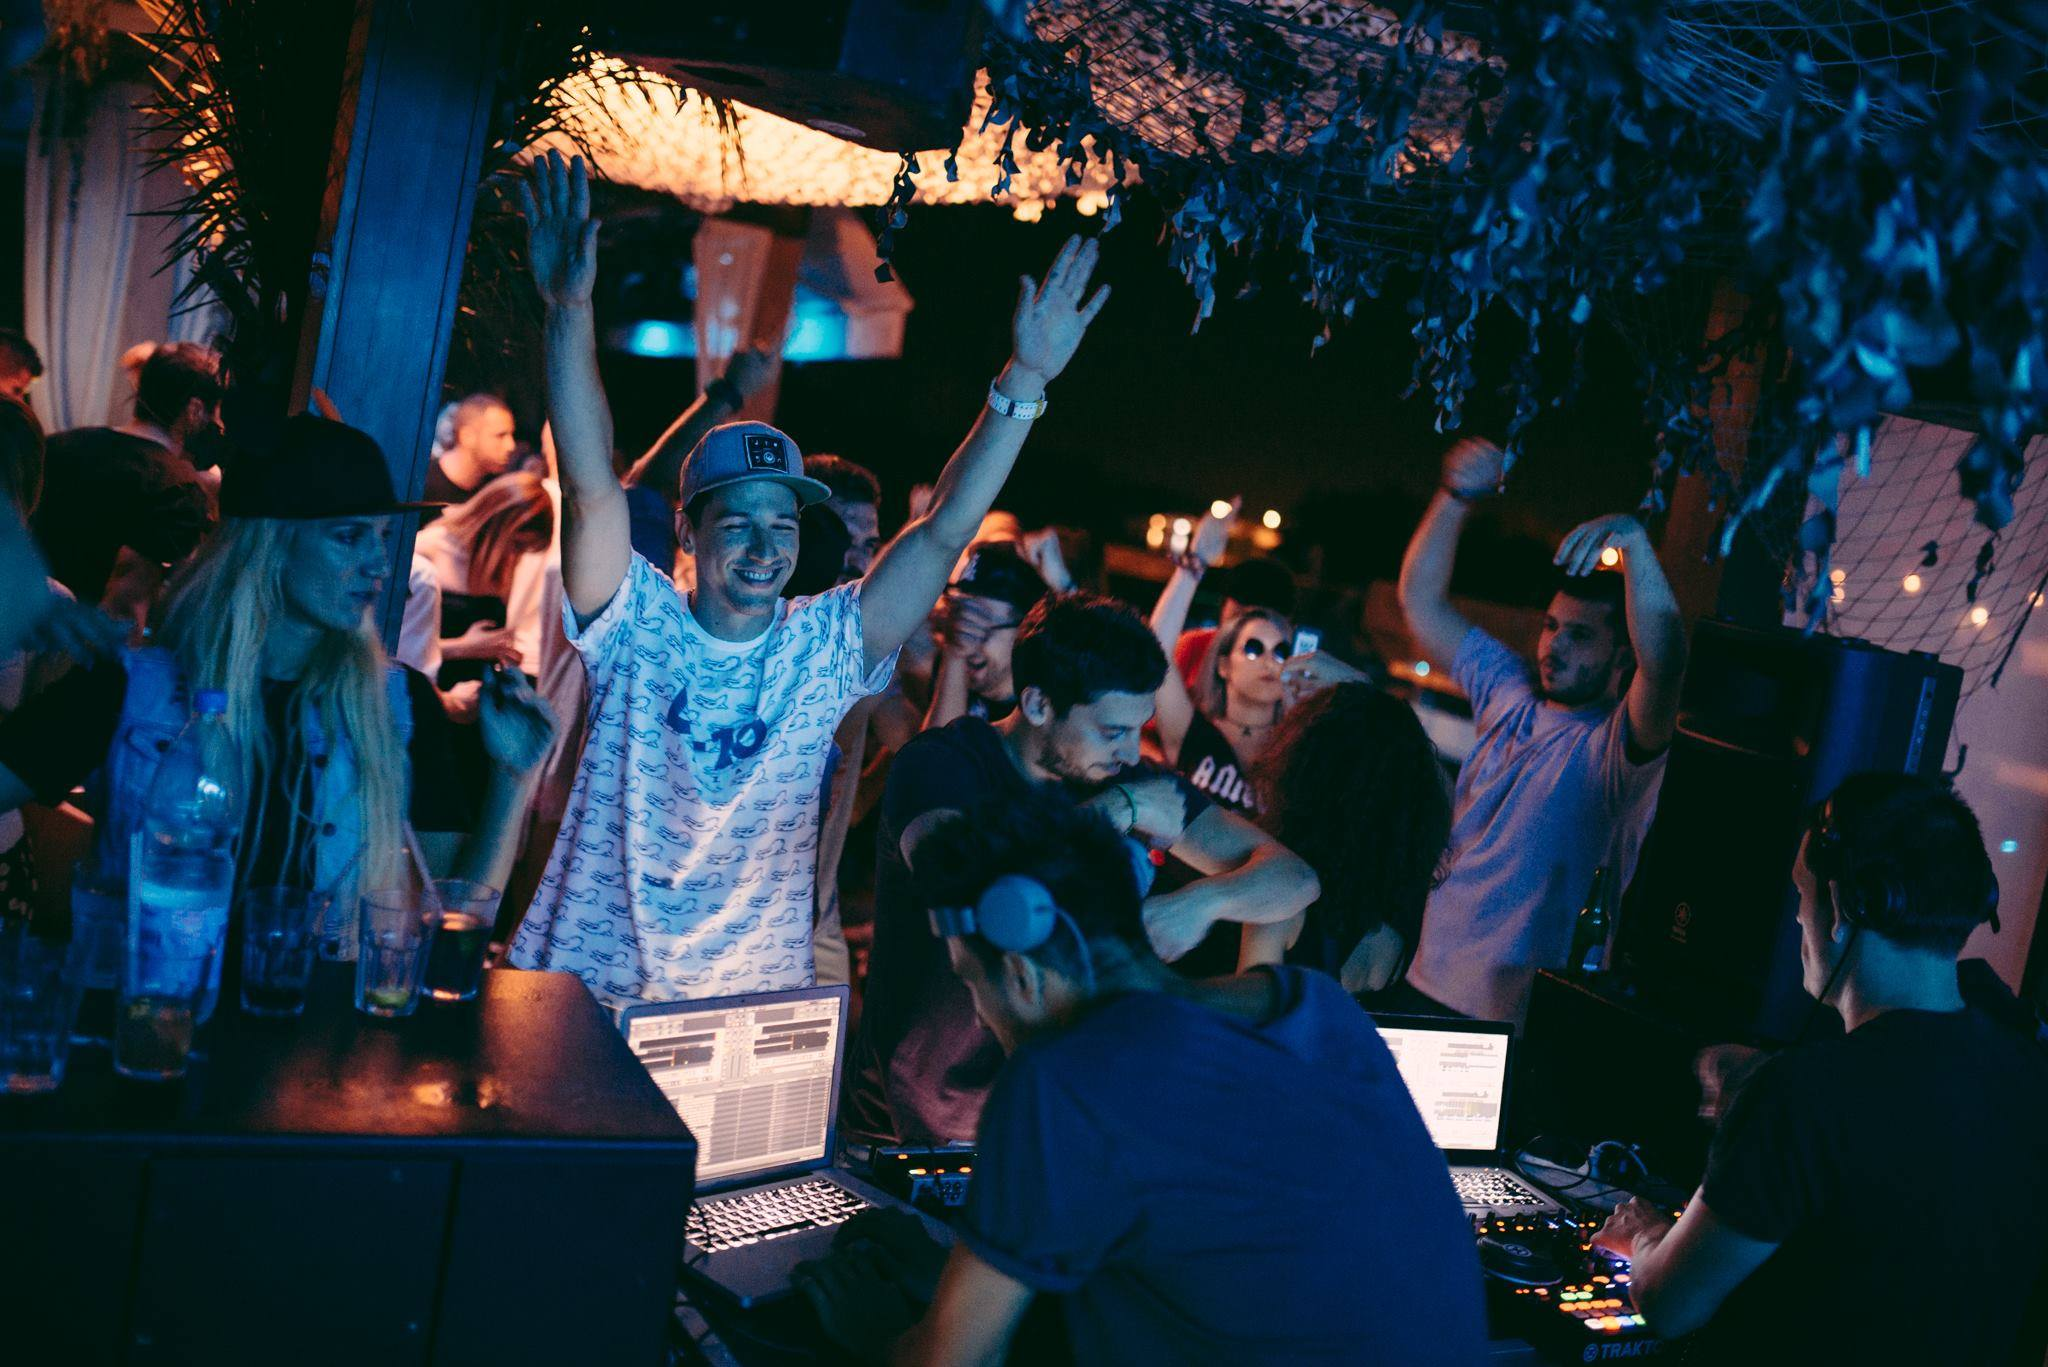 Make a mess at Club Hot Mess 1